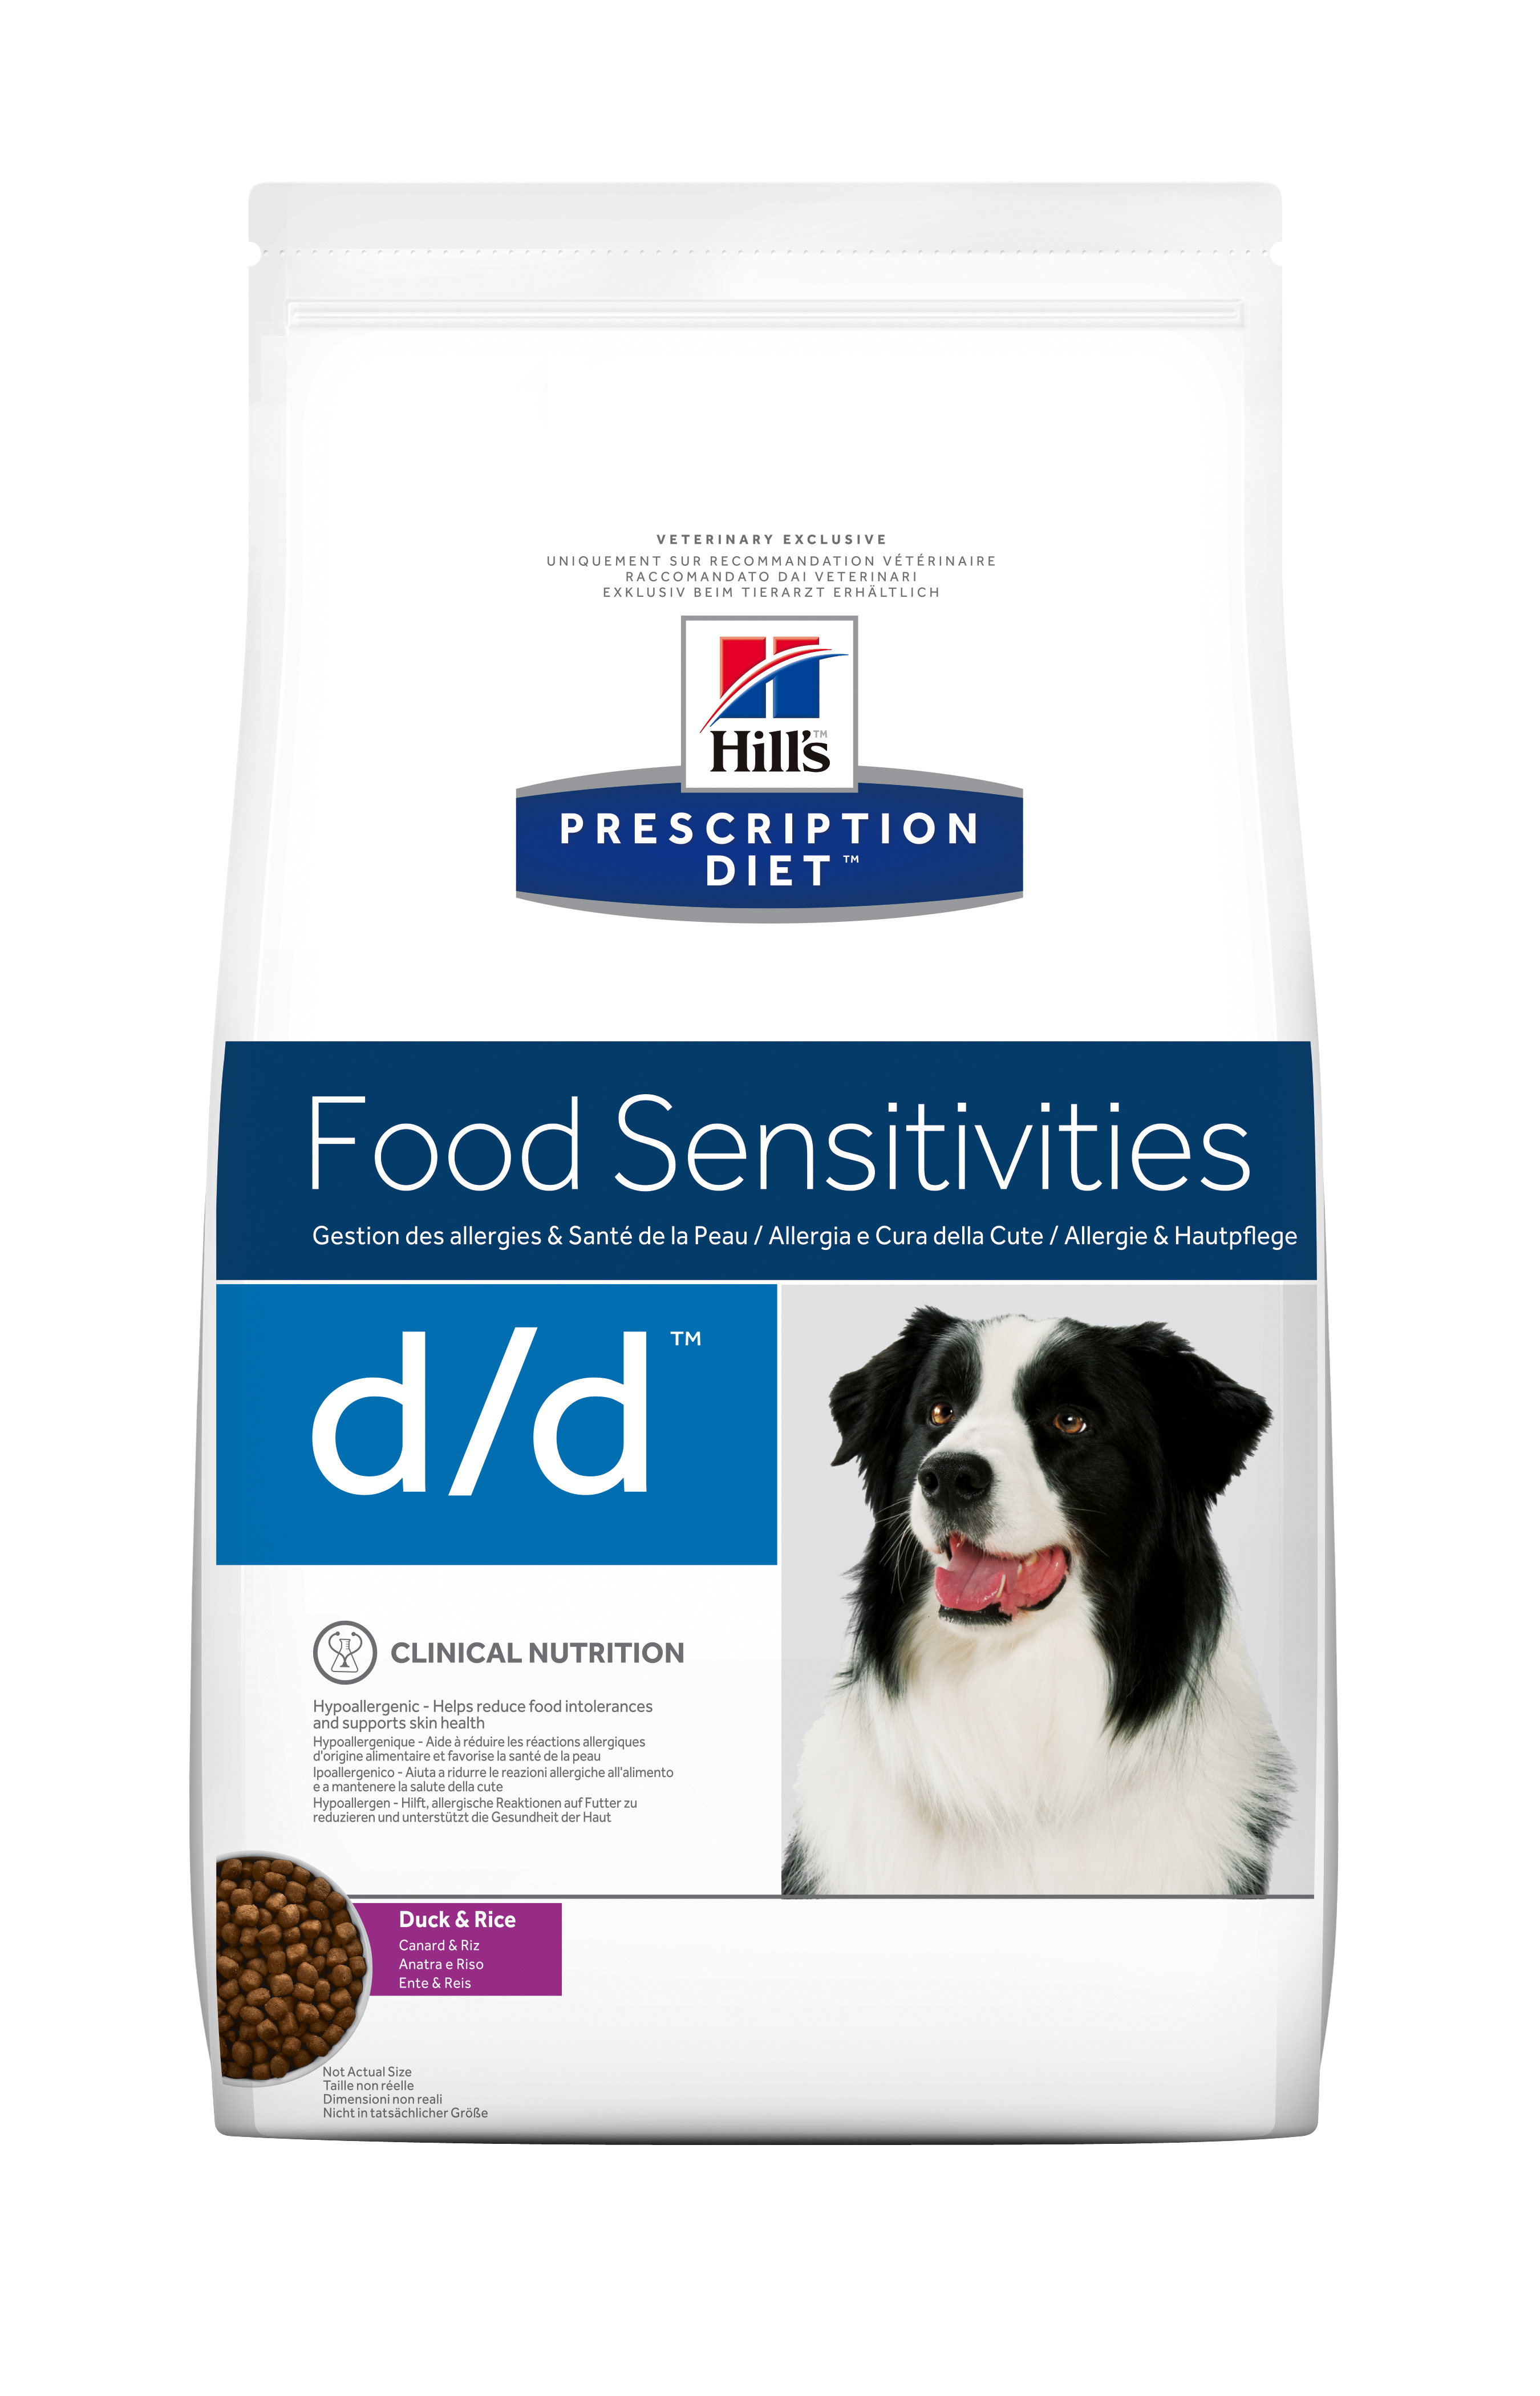 canine d d mit ente reis hund vet di t trockenfutter hunde md pet food. Black Bedroom Furniture Sets. Home Design Ideas